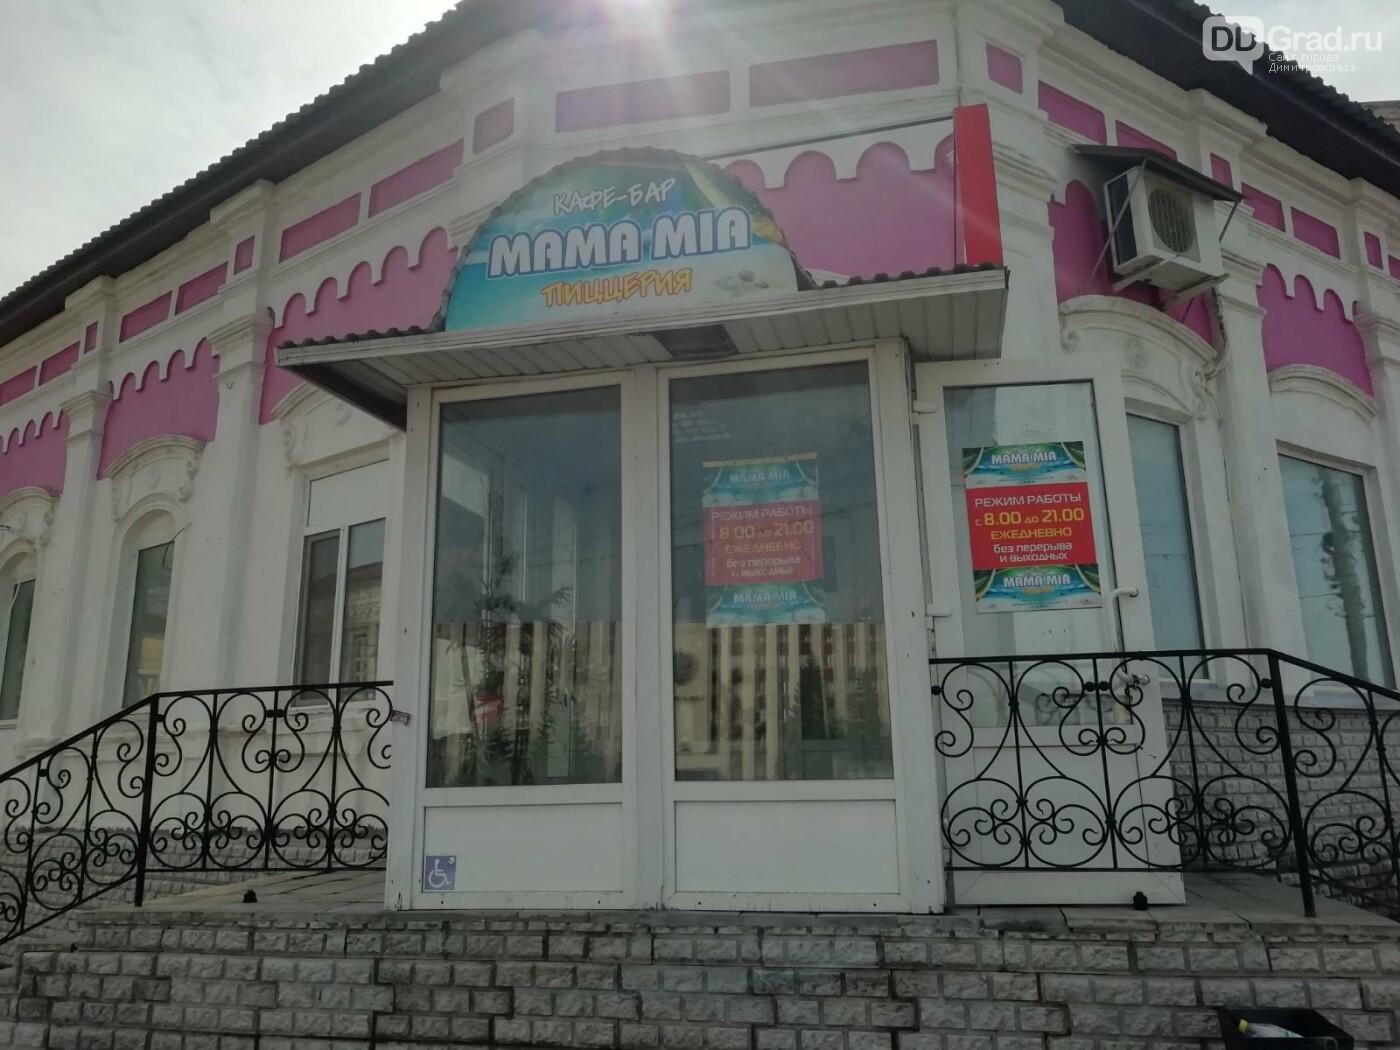 Кафе - бар, пиццерия mama mia  в Димитровграде, фото-11